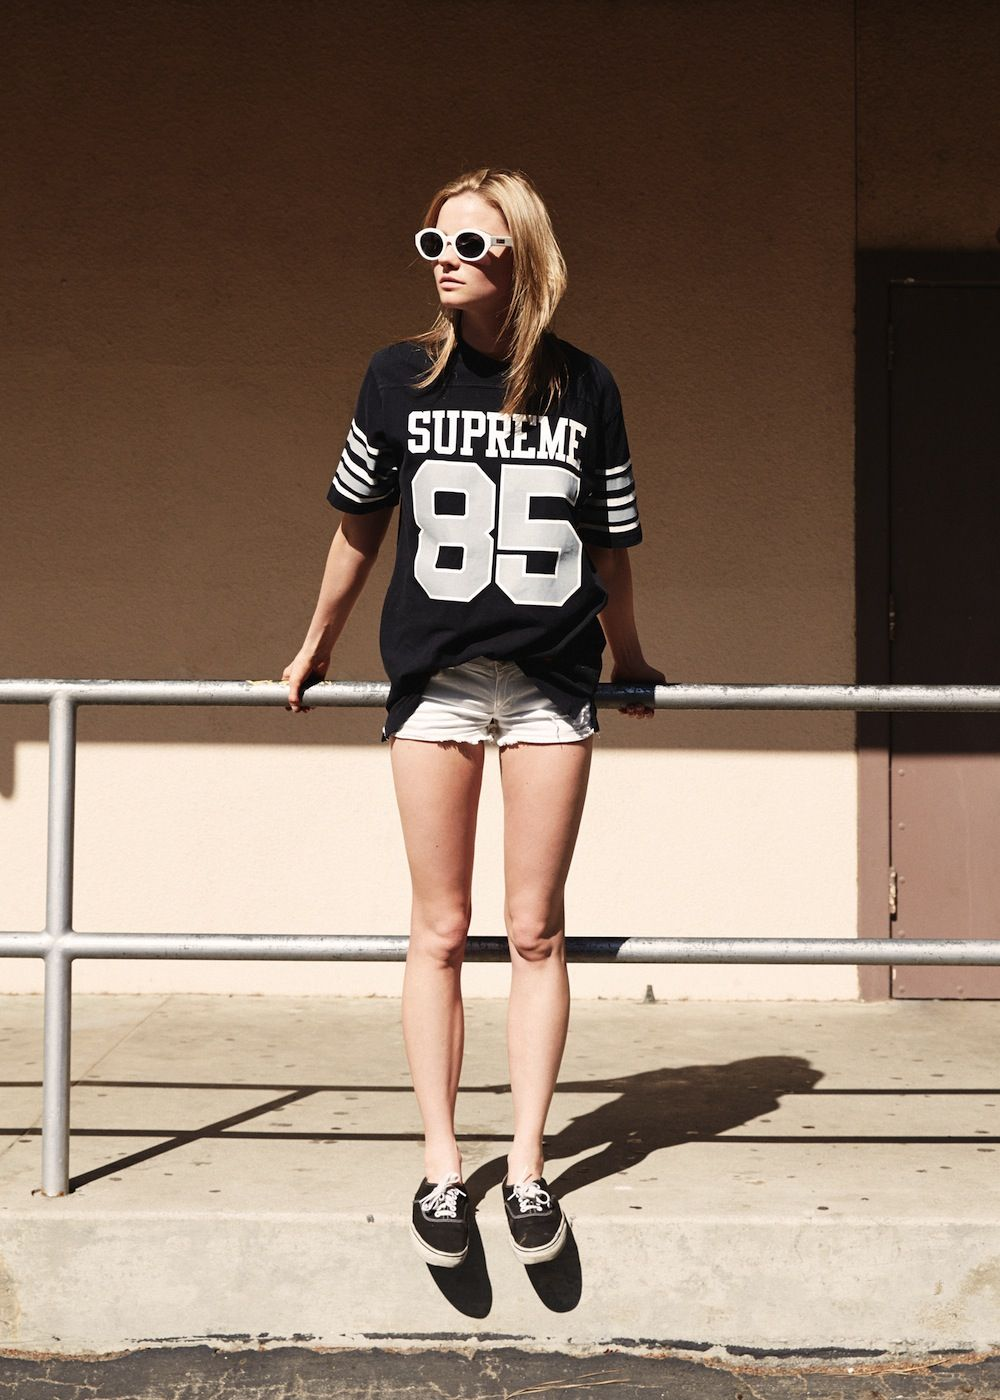 5d17d8b8898e9 Tシャツの色味に合わせて全体をモノトーンで仕上げる♪ Supremeのアイテムを使ったコーデ・ファッションスタイルのまとめ。